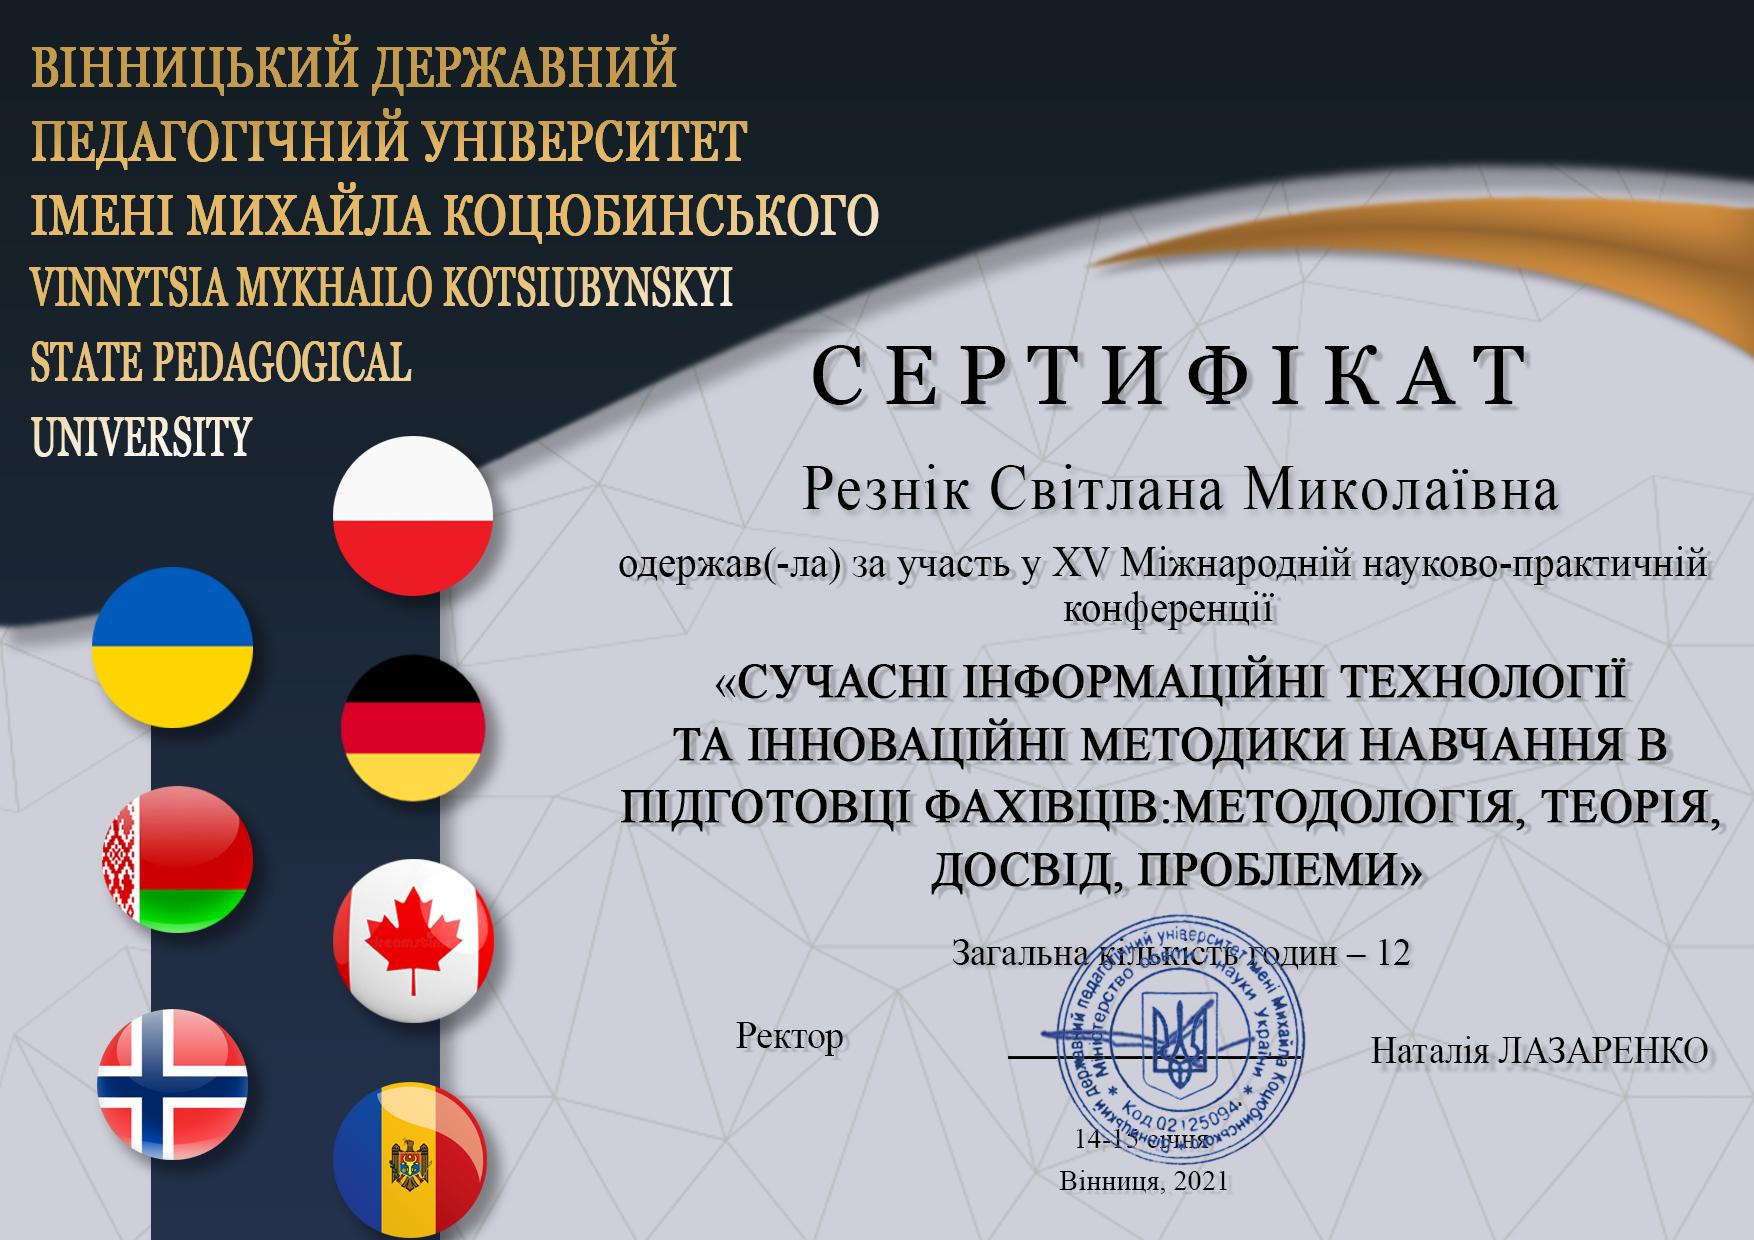 Резнік Світлана Миколаївна